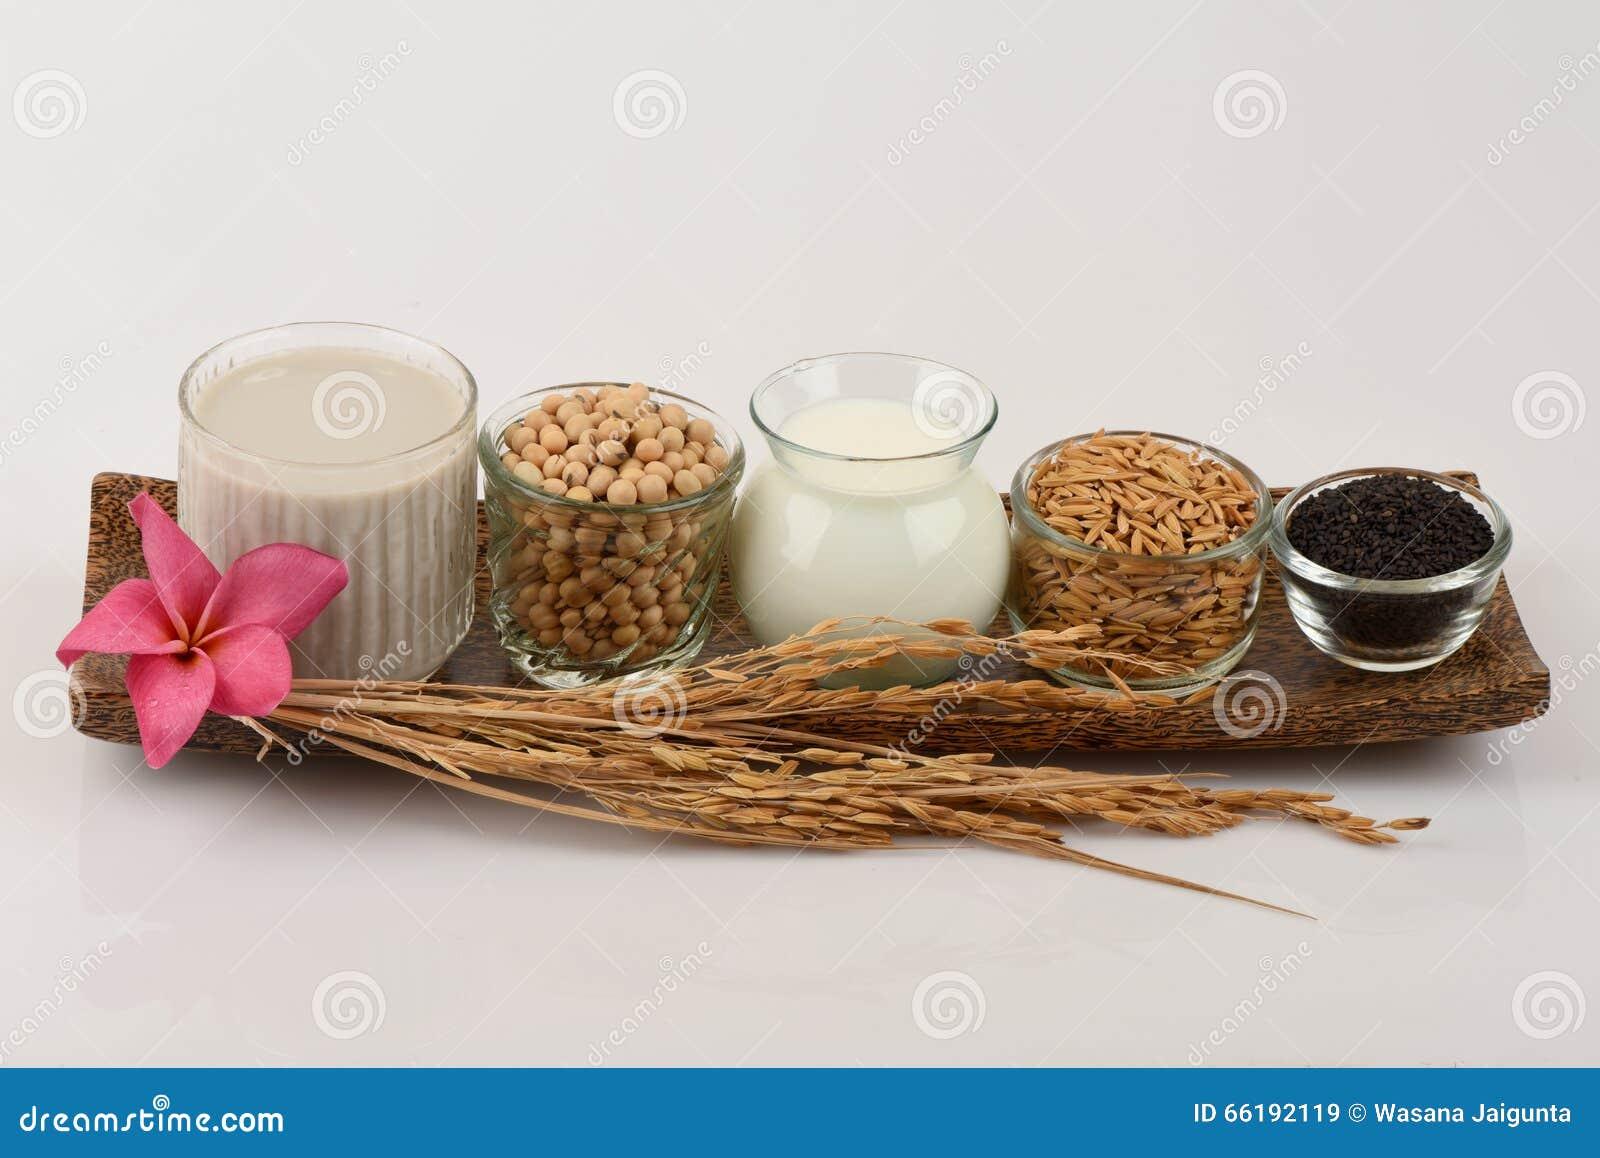 豆浆,大豆,黑芝麻籽和发芽的核桃(gaba)糙米蜂王浆图片